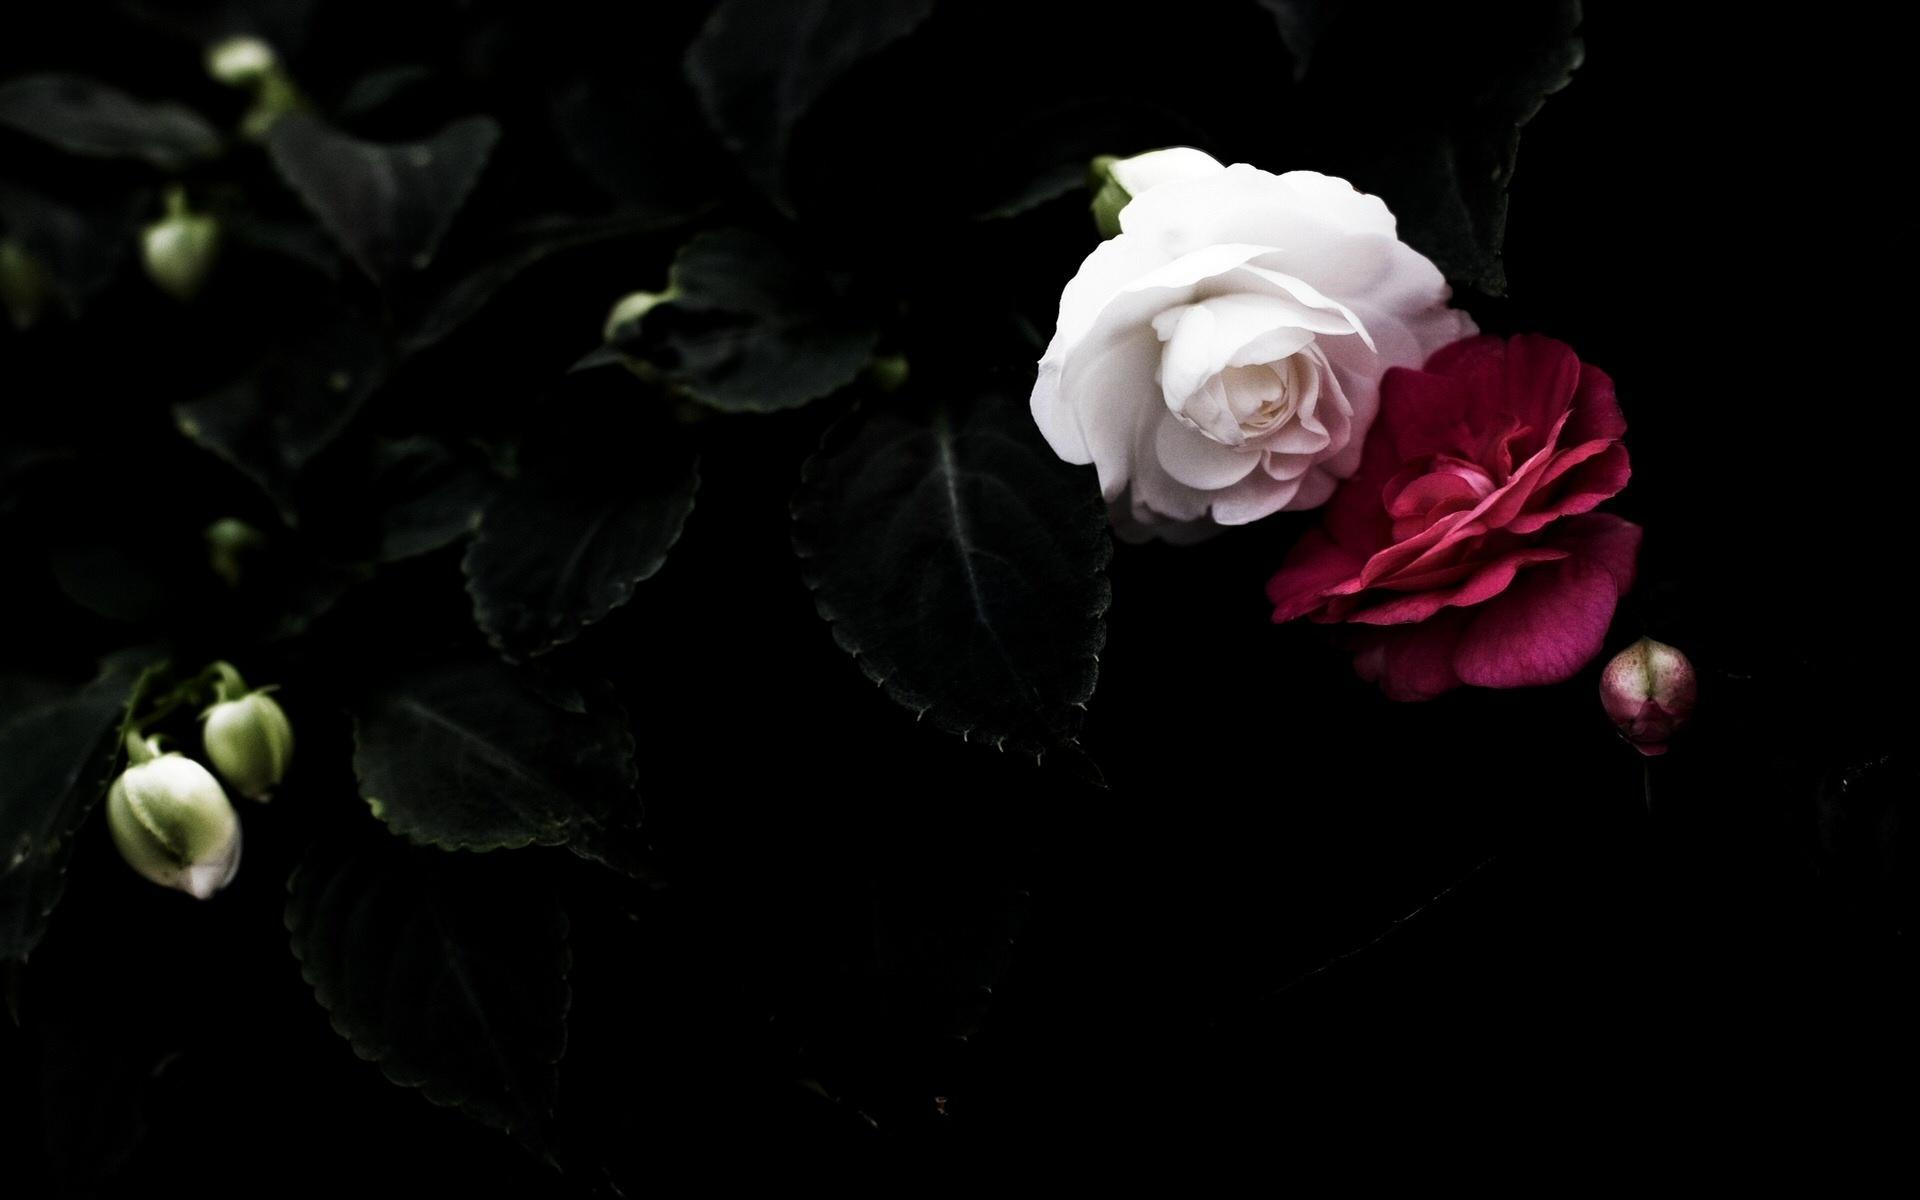 White roses wallpapers for desktop wallpapersafari - Red rose petals wallpaper ...